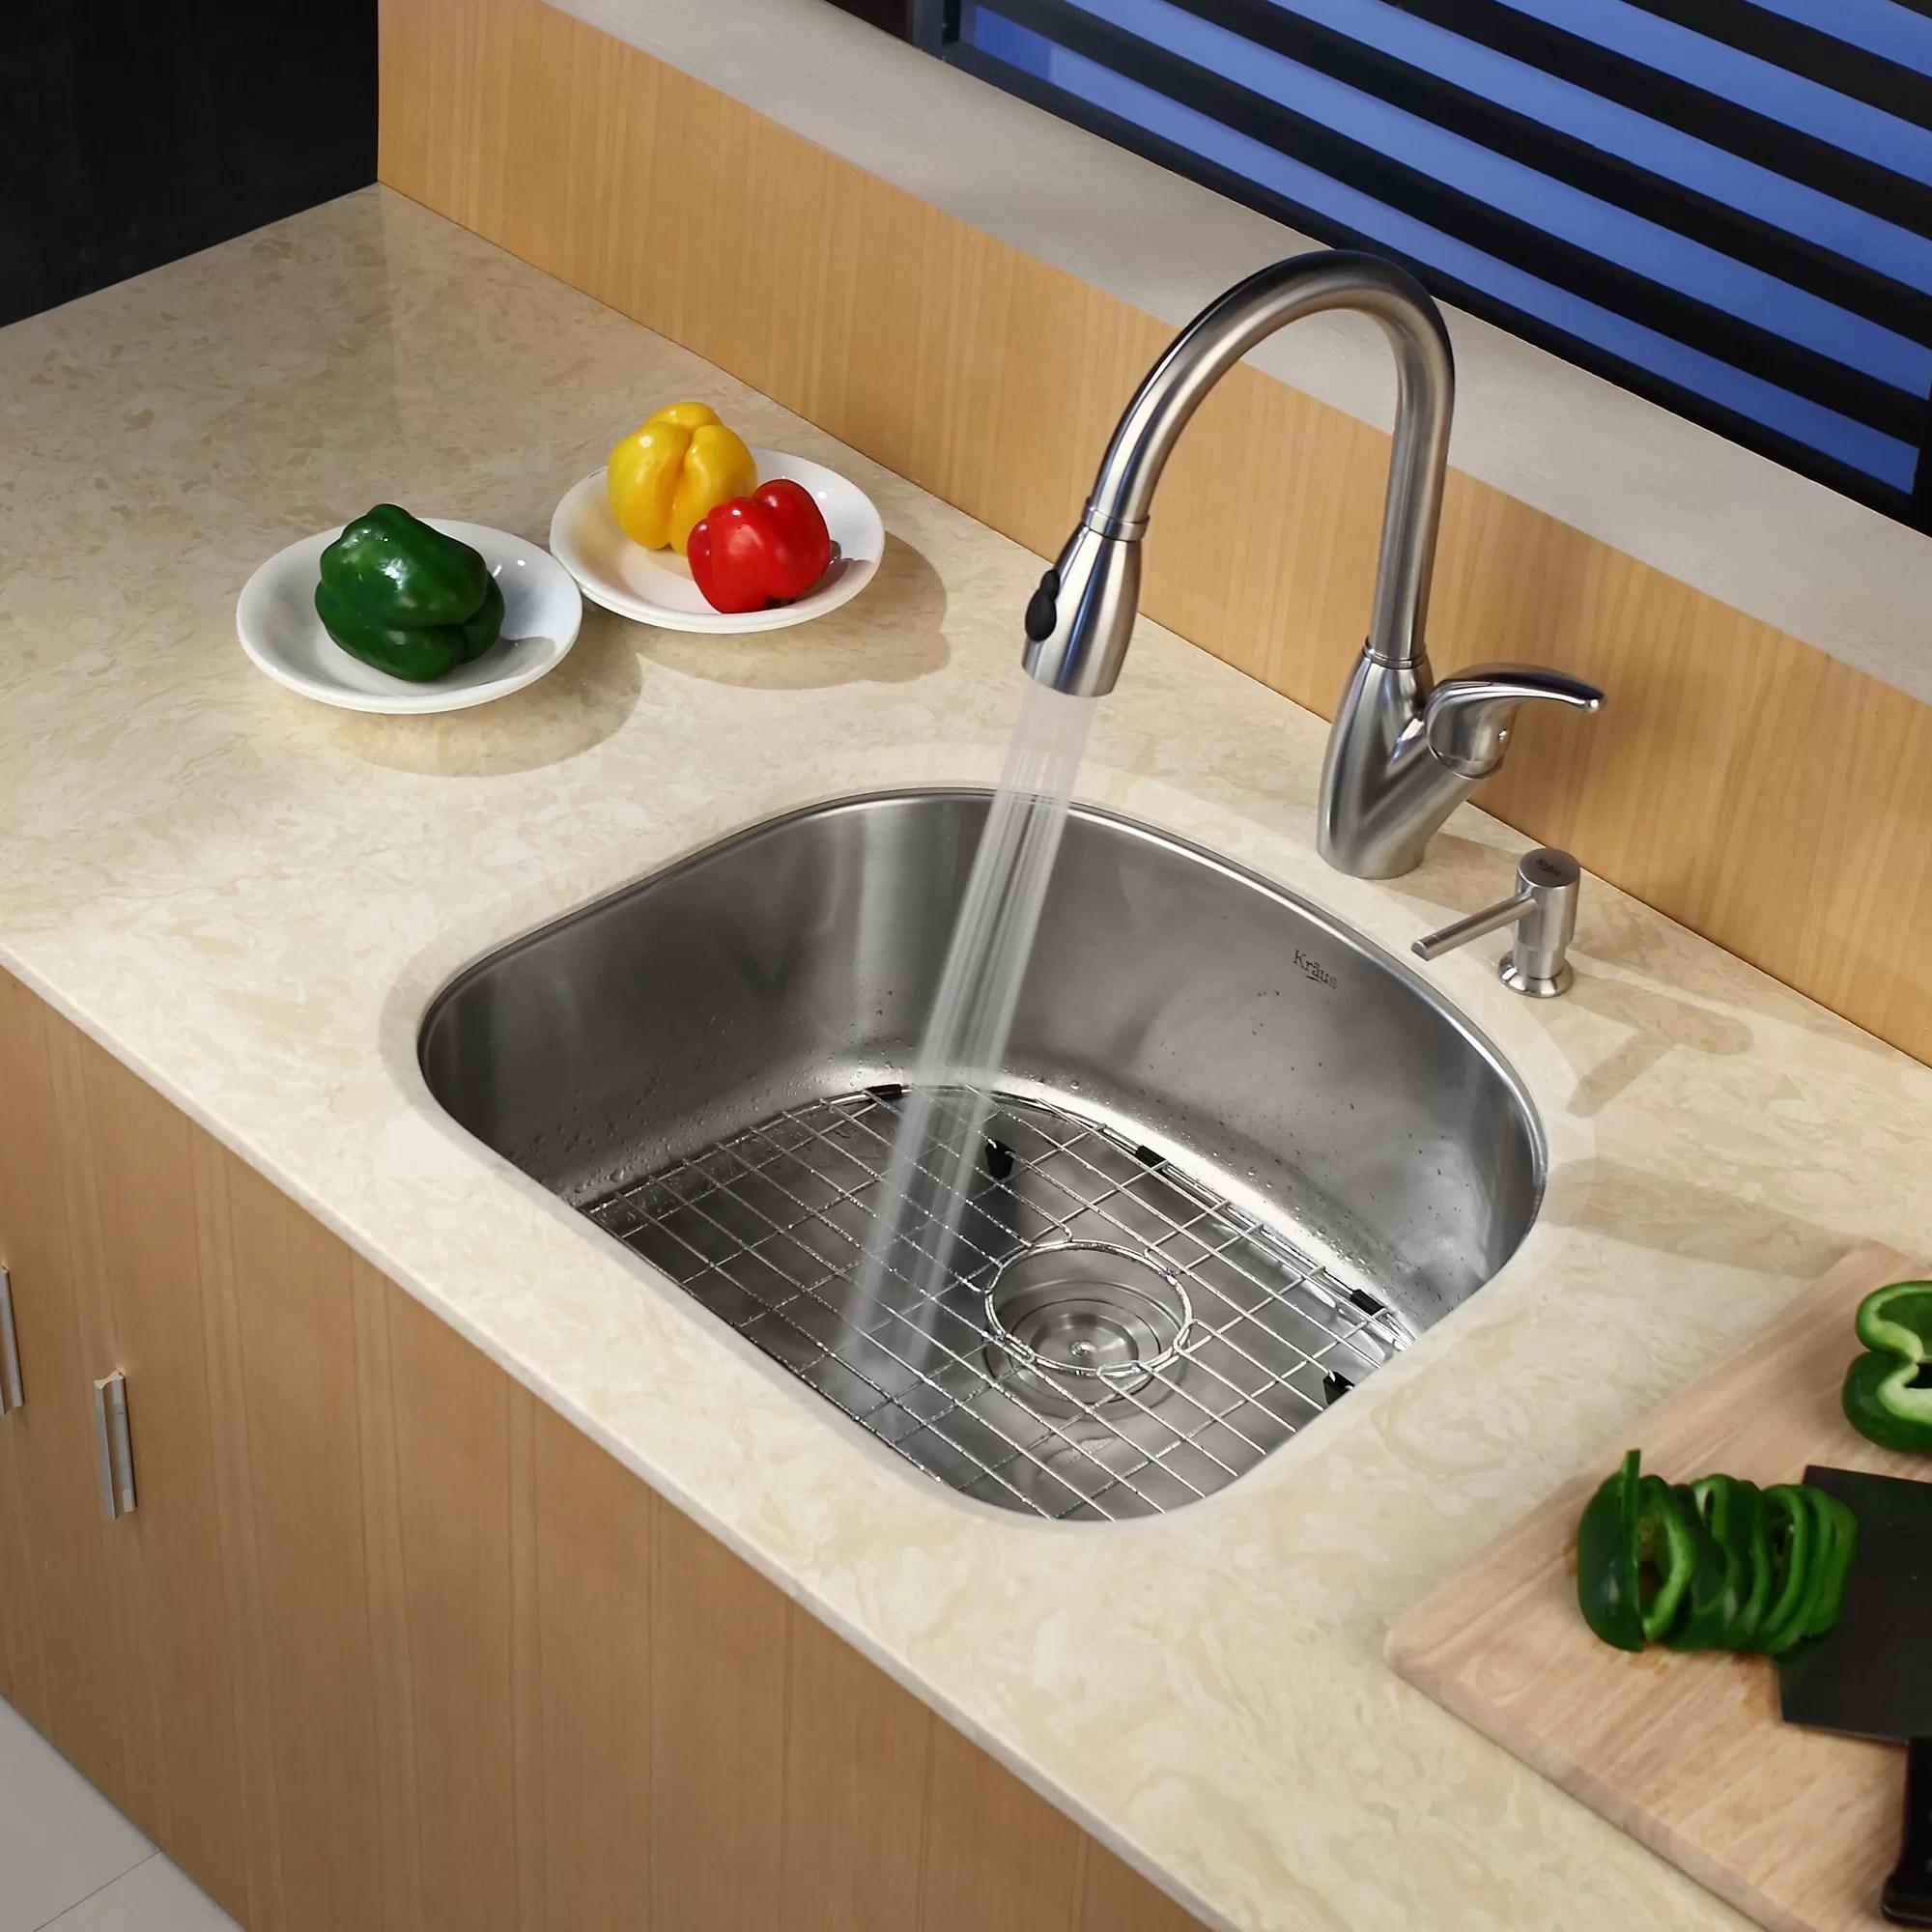 24 kitchen sink undermount rh airfreshener club 24 stainless steel undermount kitchen sink Granite Undermount Sink Problems